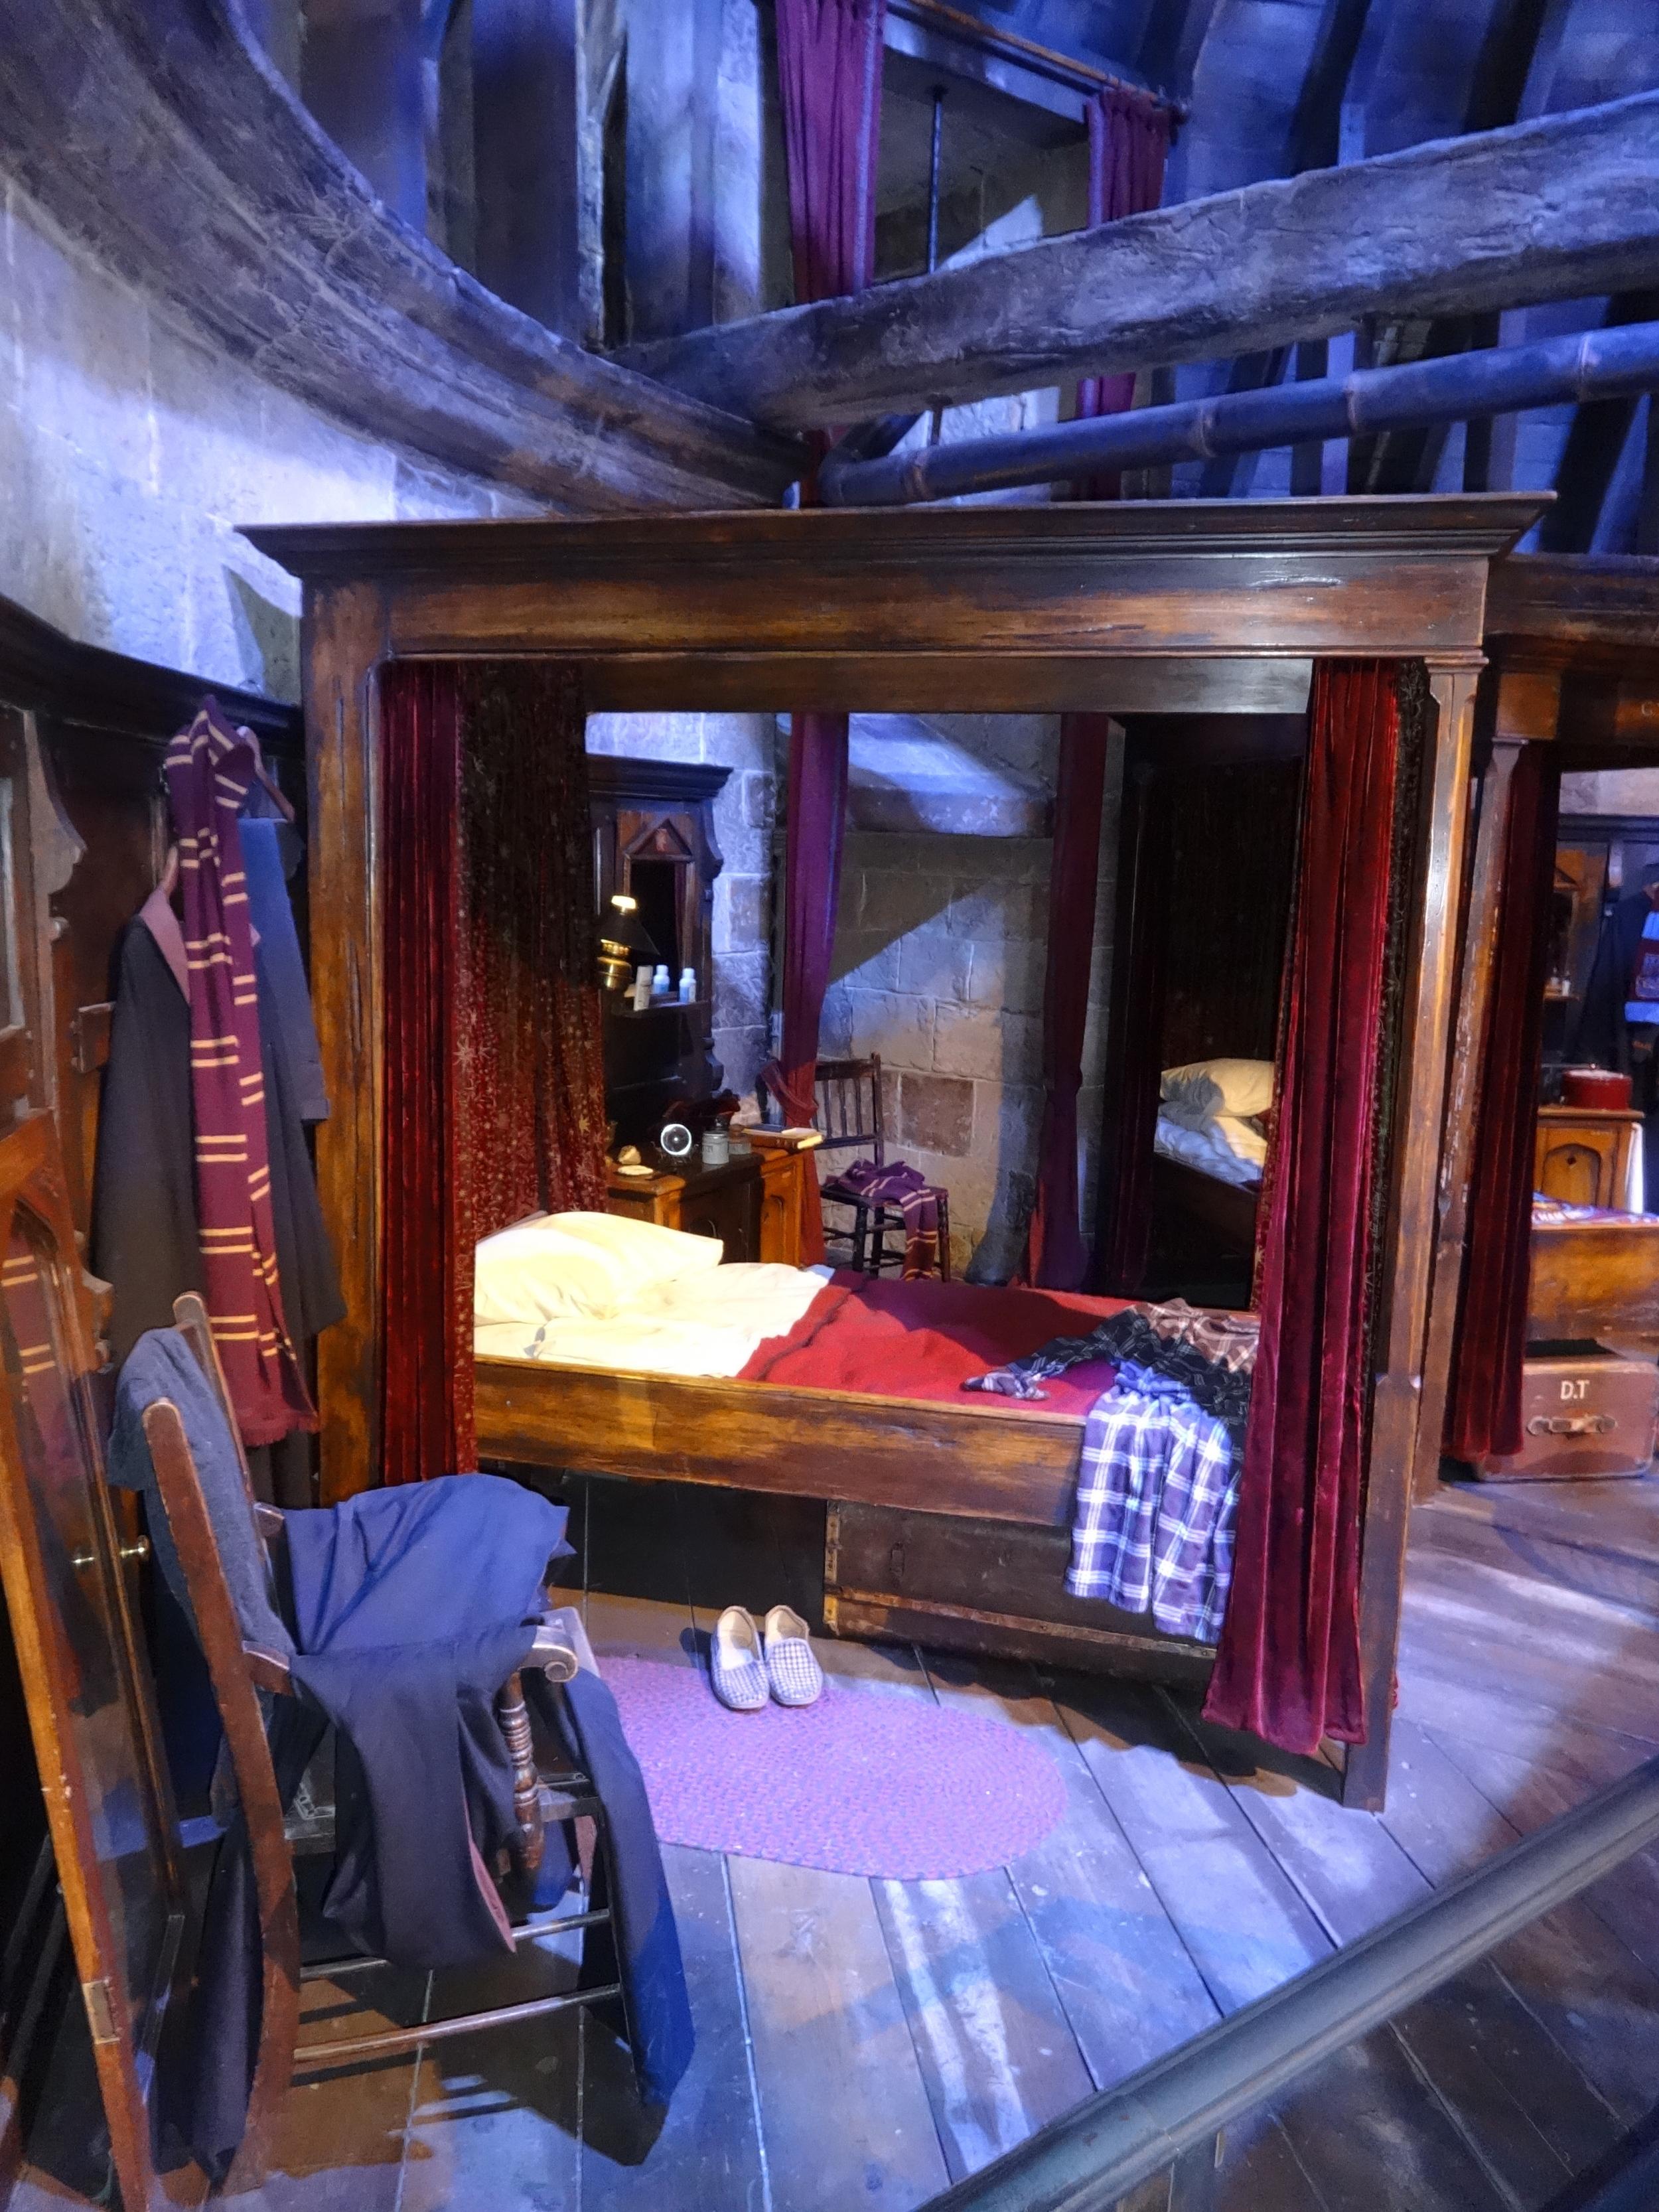 Harry's Bedroom in Hogwarts